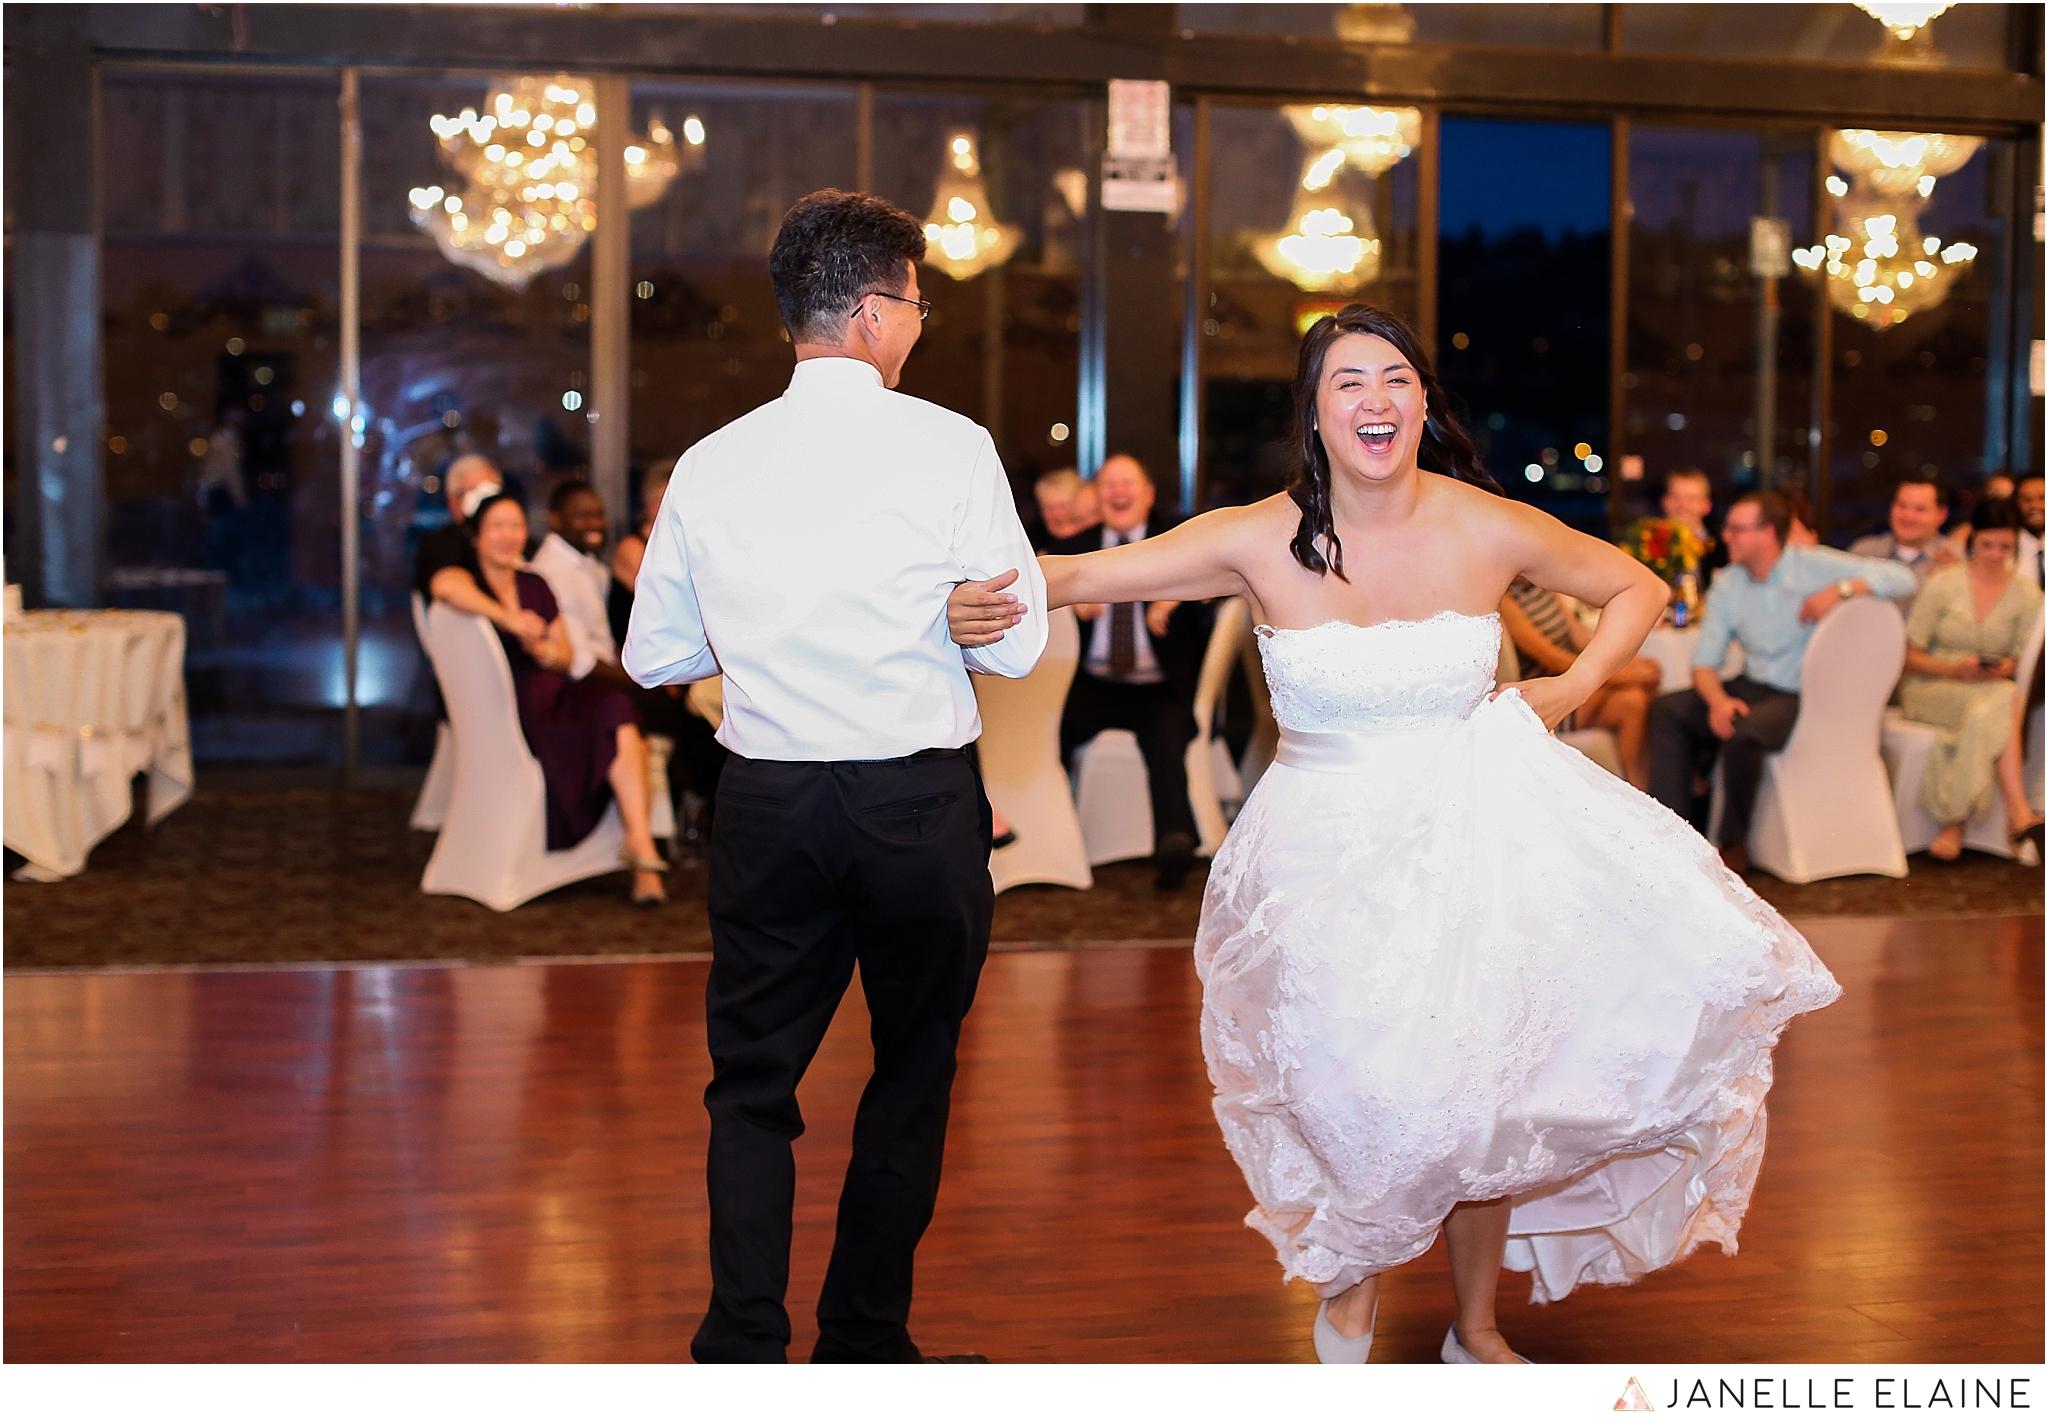 janelle elaine photography-professional wedding photographer seattle--182.jpg